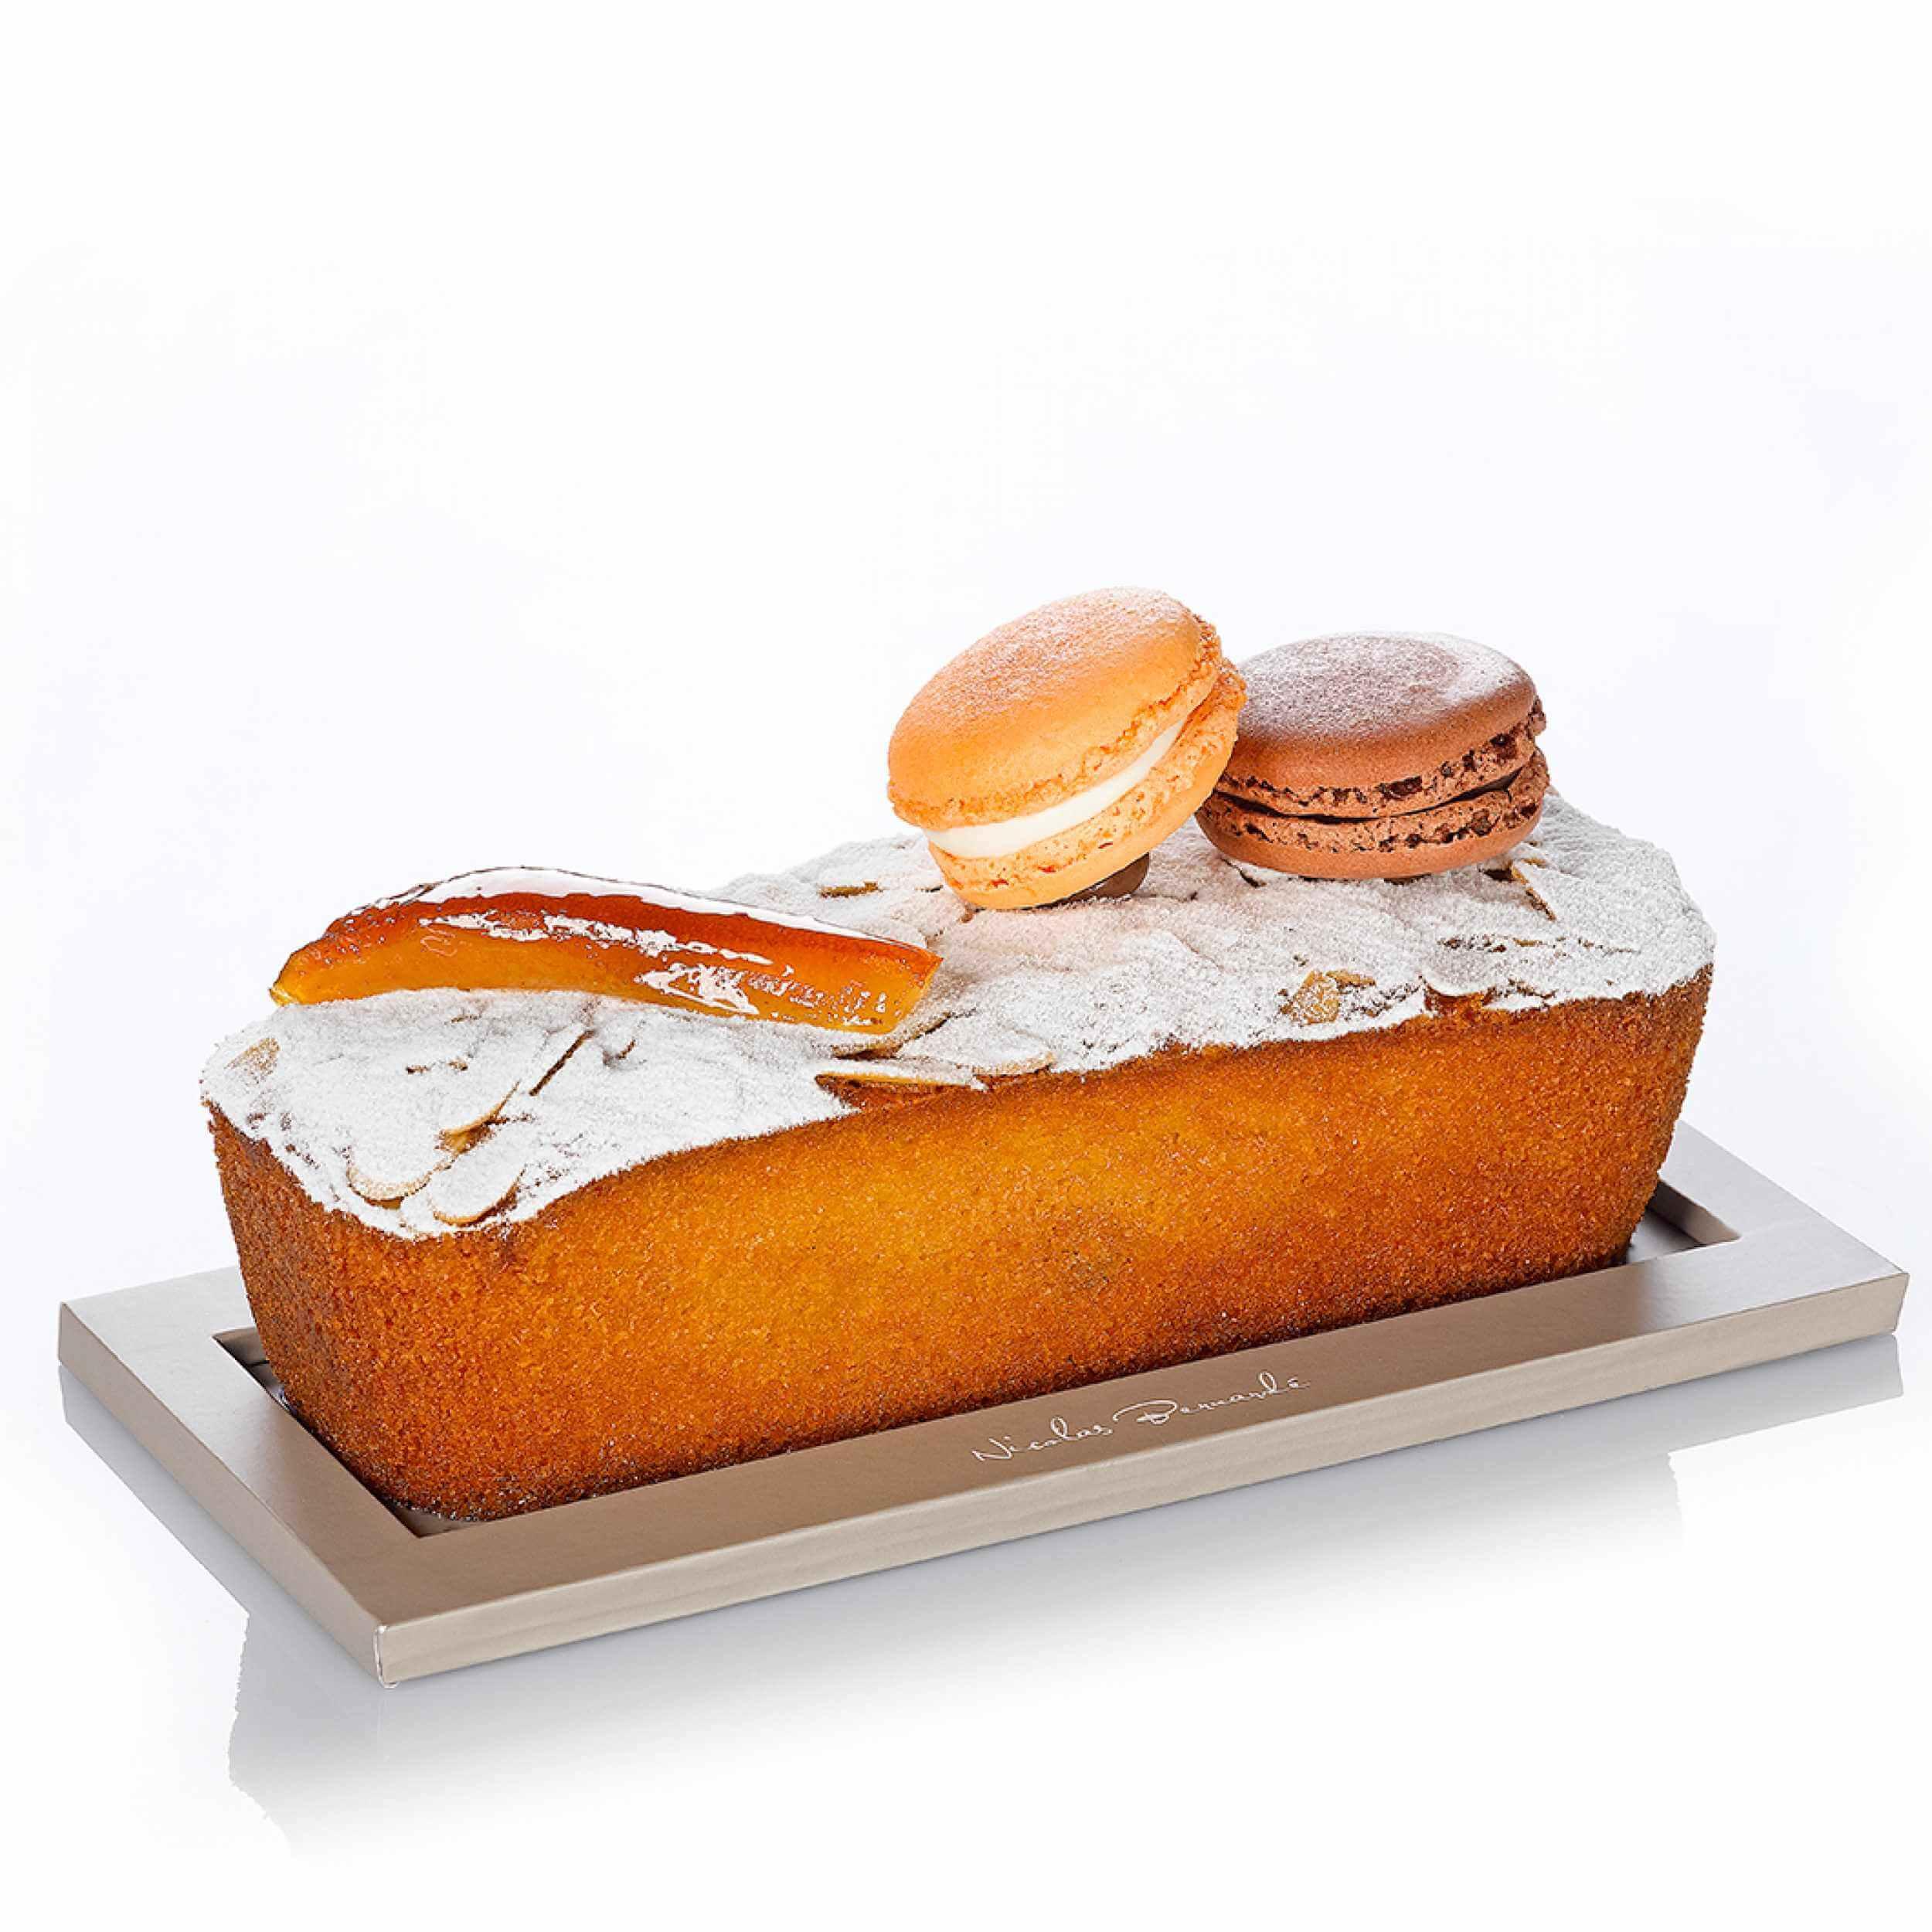 cake-macaron-orange.jpg